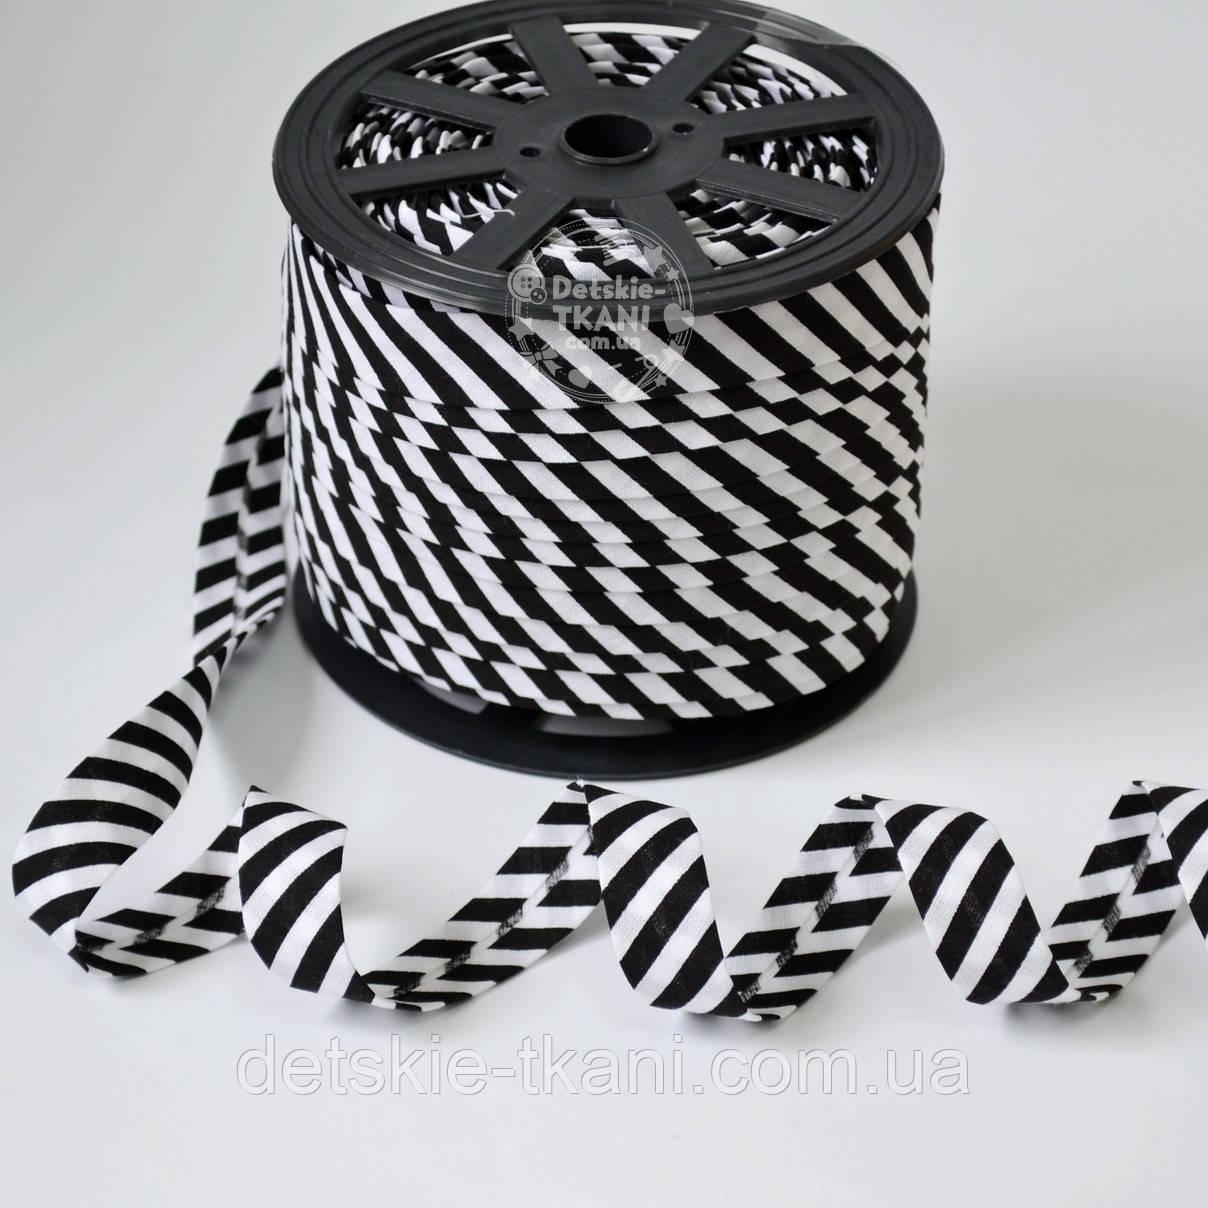 Косая бейка из хлопка с чёрной полоской 5 мм для окантовки